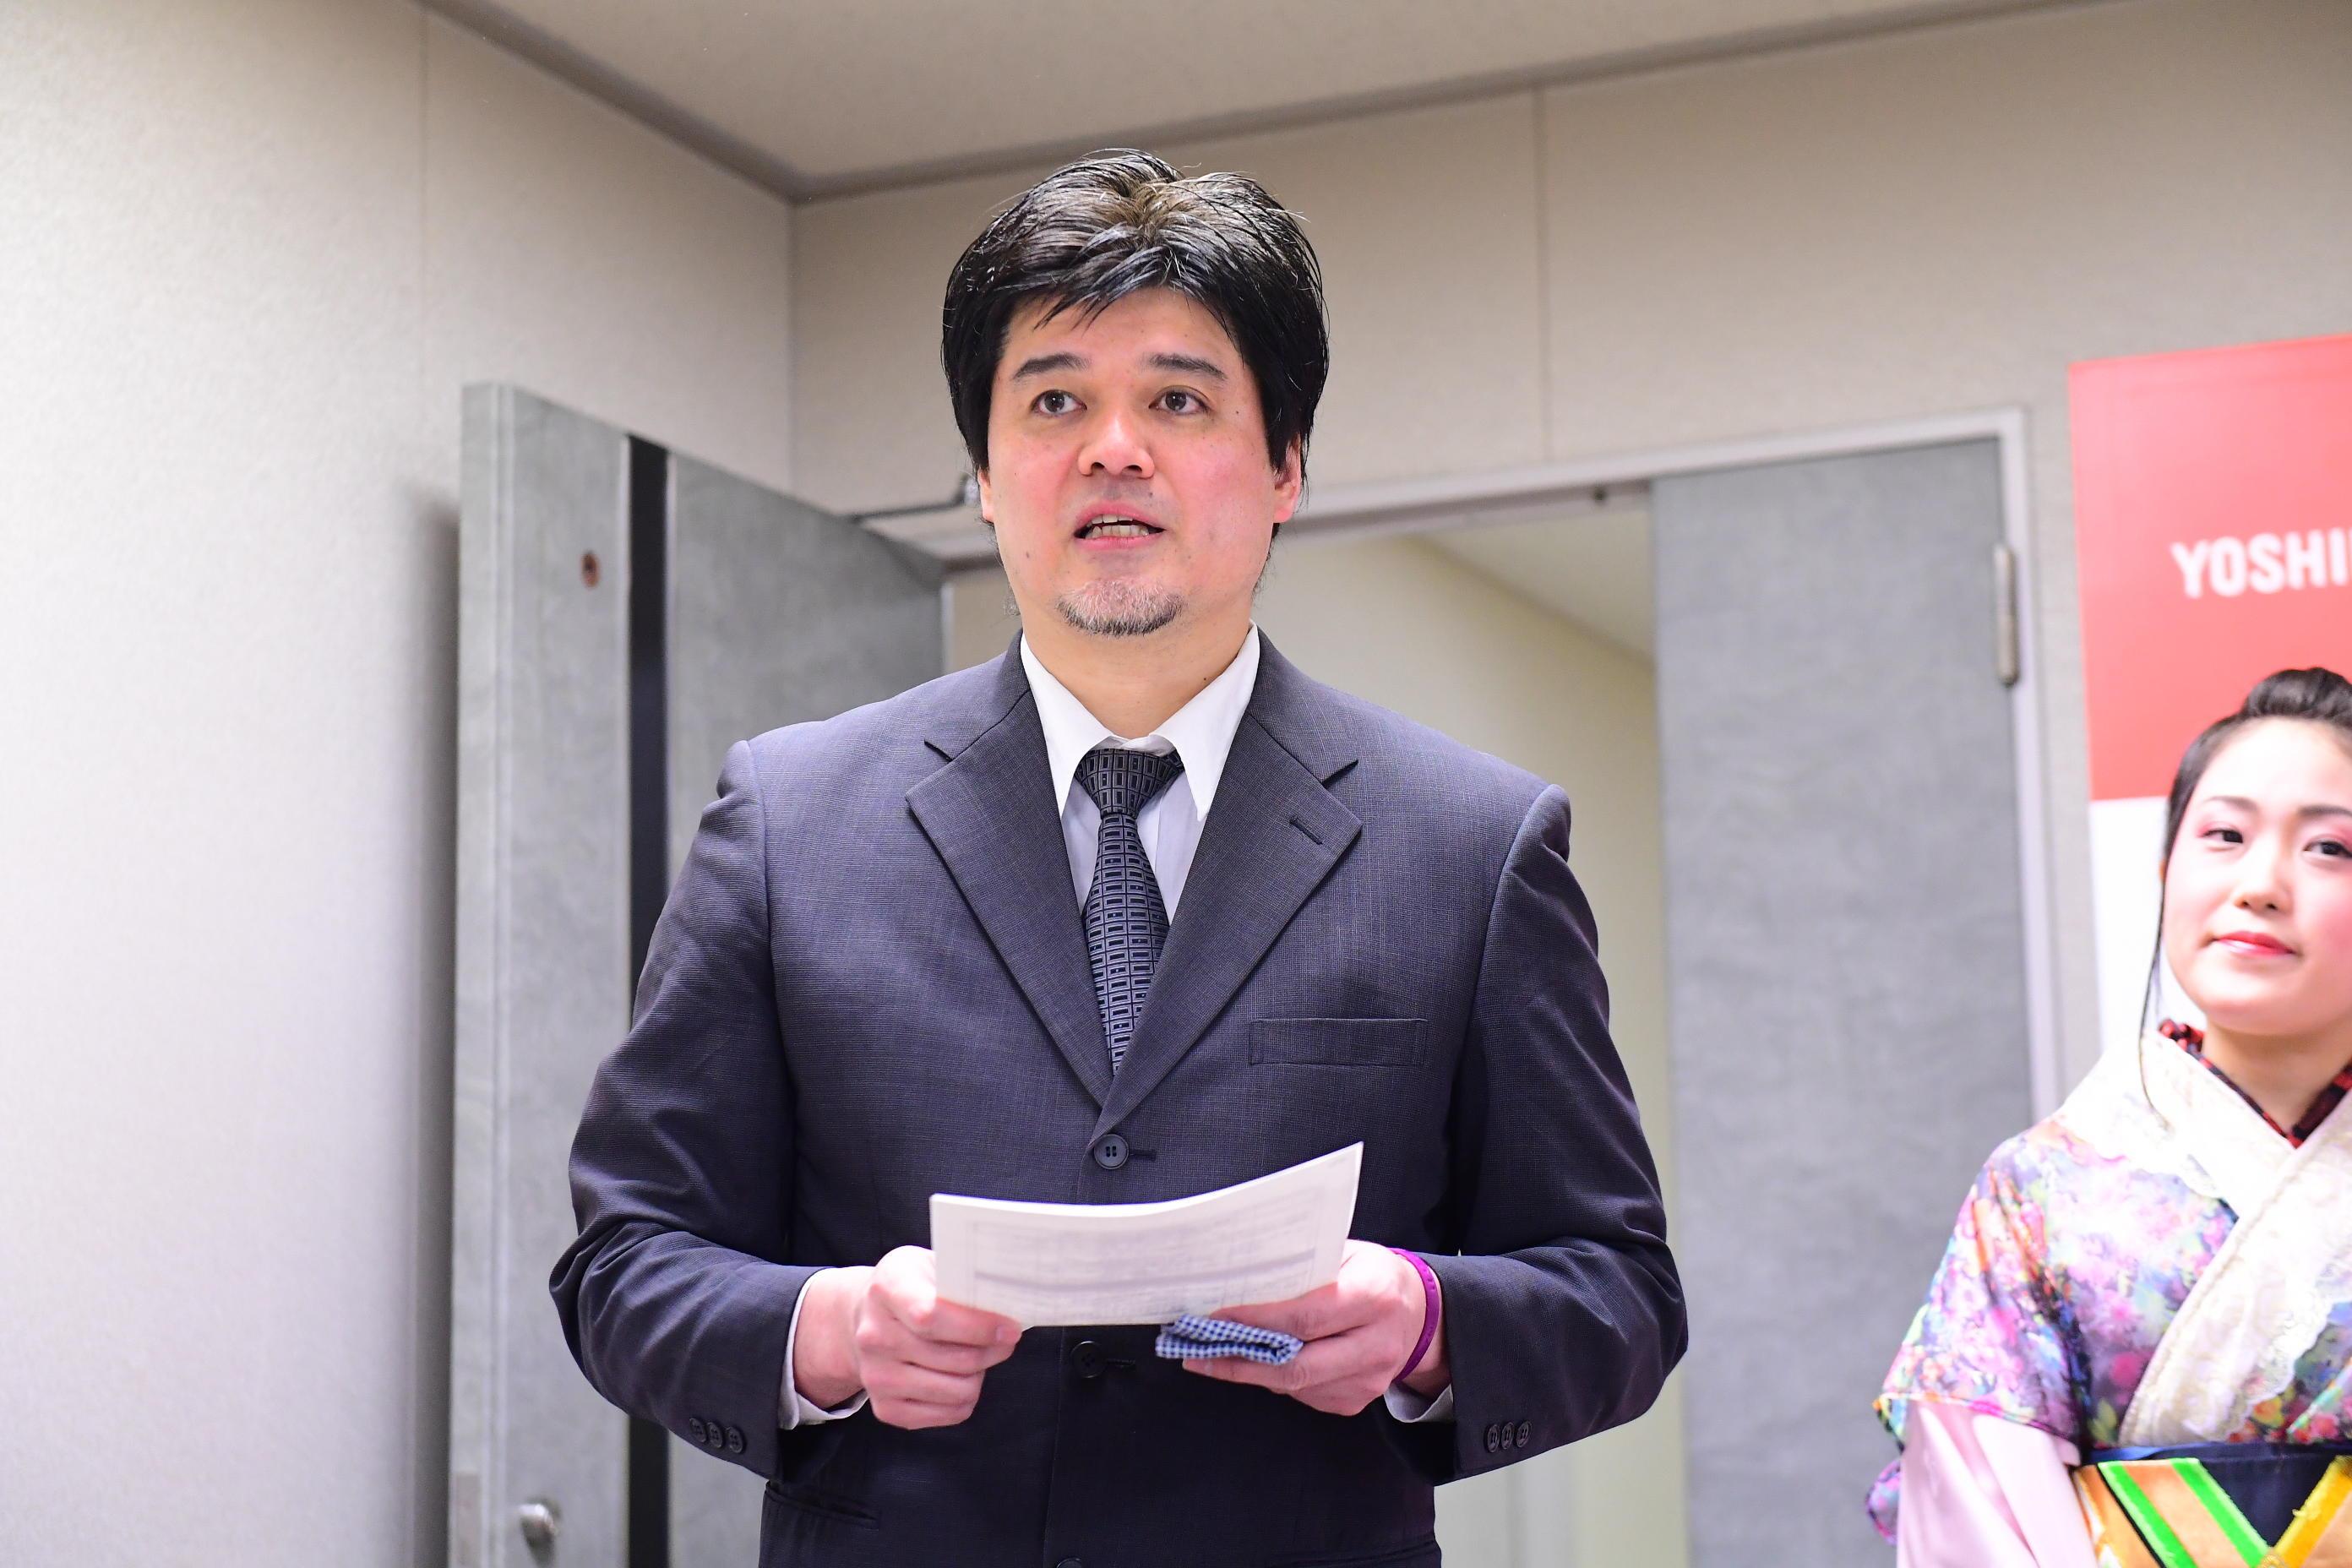 http://news.yoshimoto.co.jp/20170223194034-6938dfa164e83a318ec354169f71a7191de8ddb1.jpg